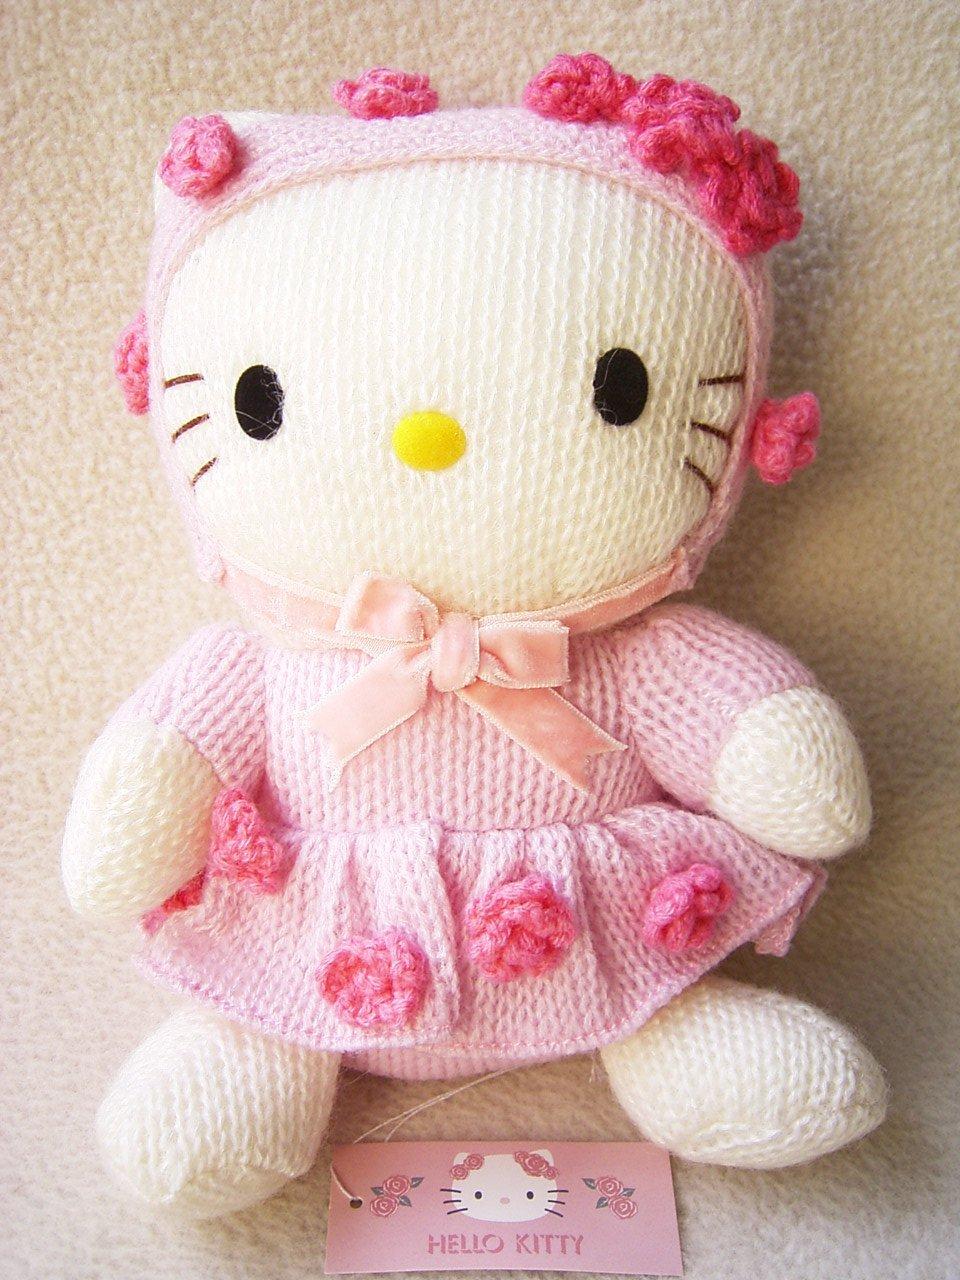 Knitting Games Hello Kitty : Sanrio japan amigurumi hello kitty knitting wool